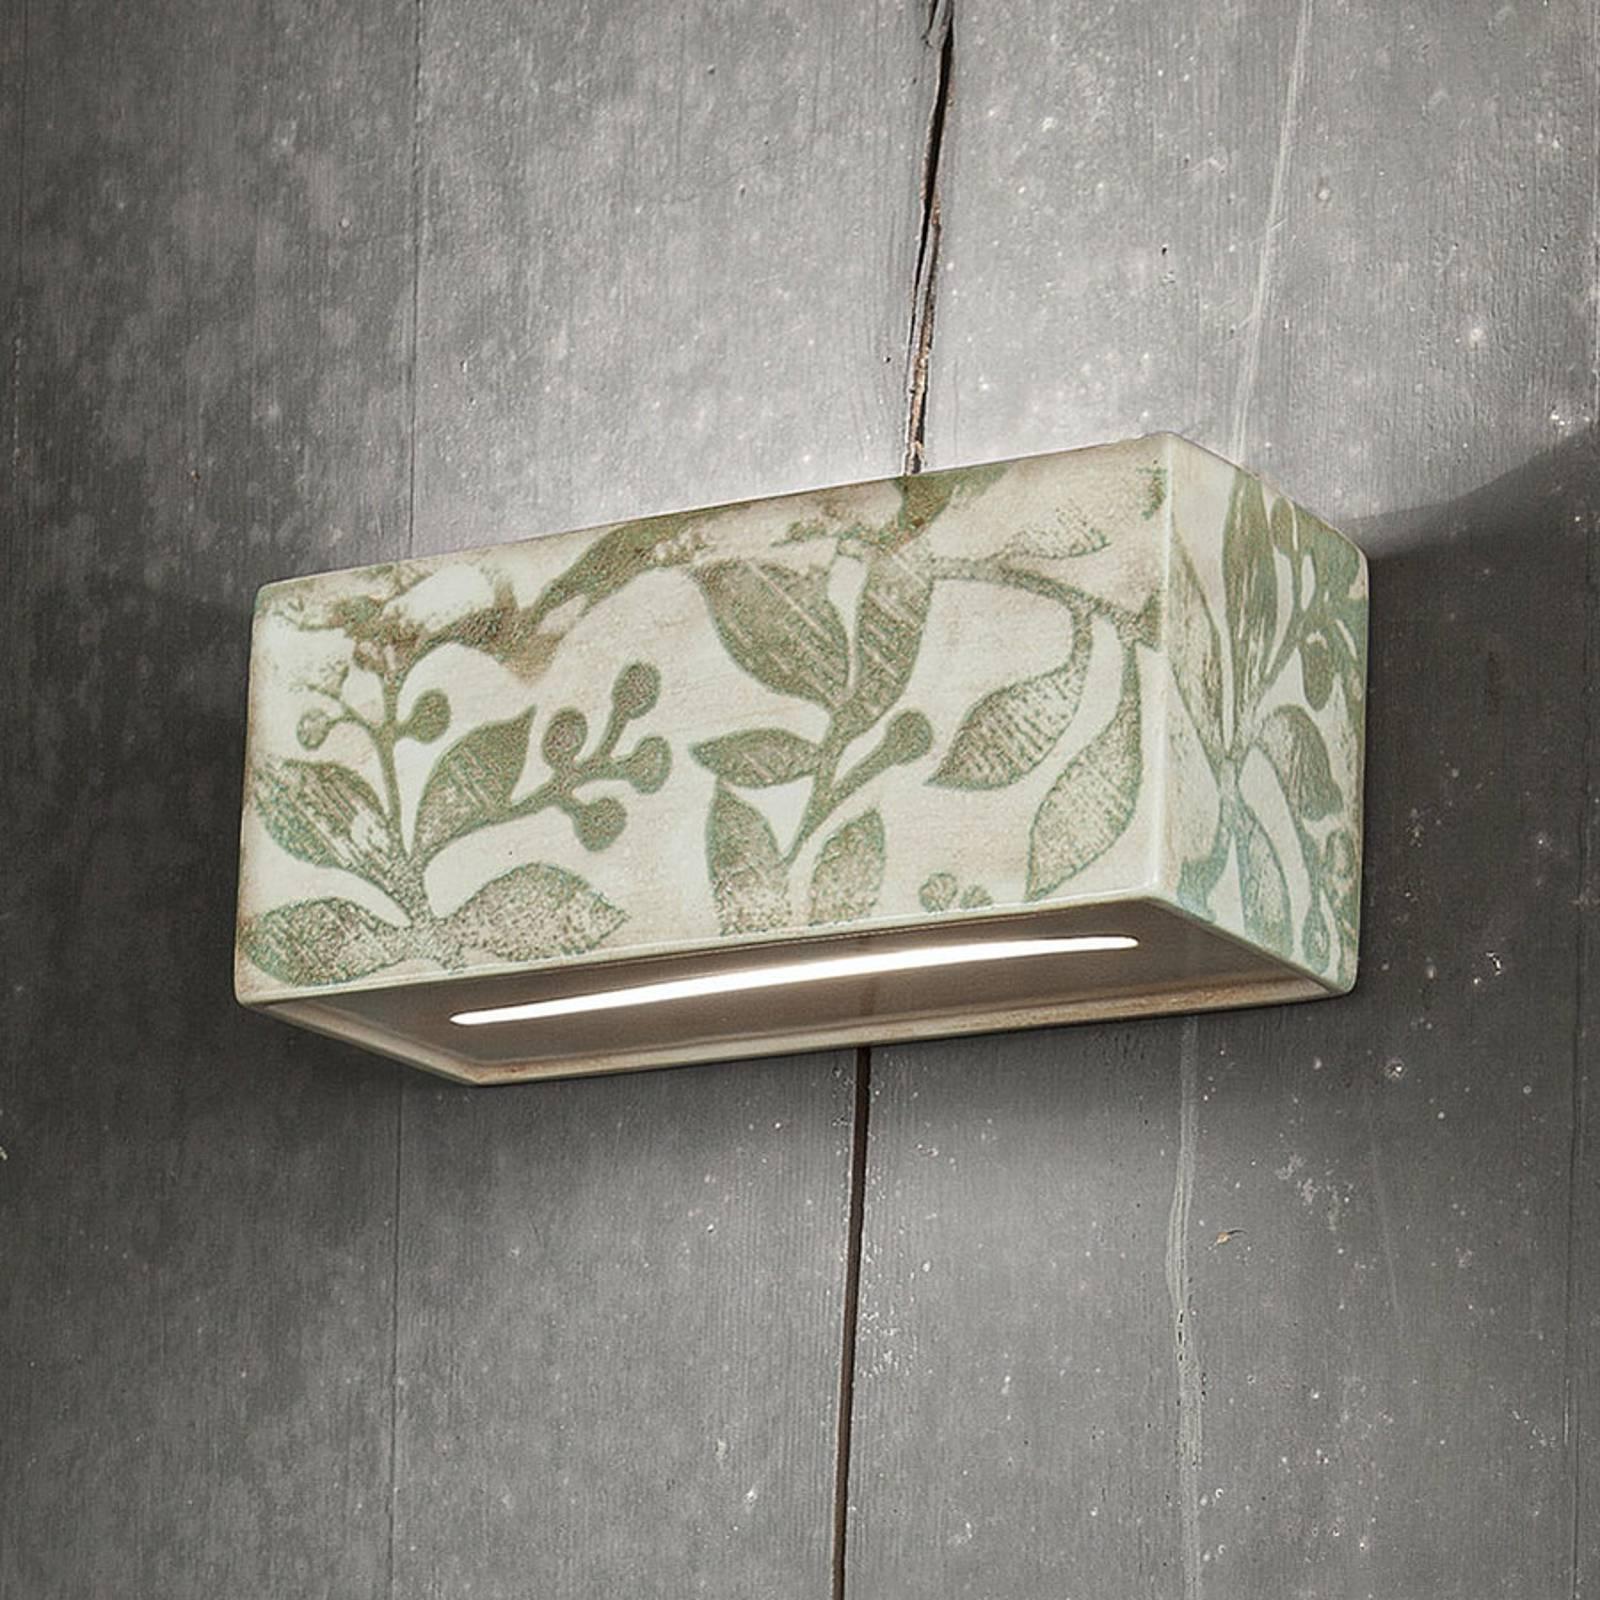 Wandlamp C1418/27 met herfstversiering 25 cm